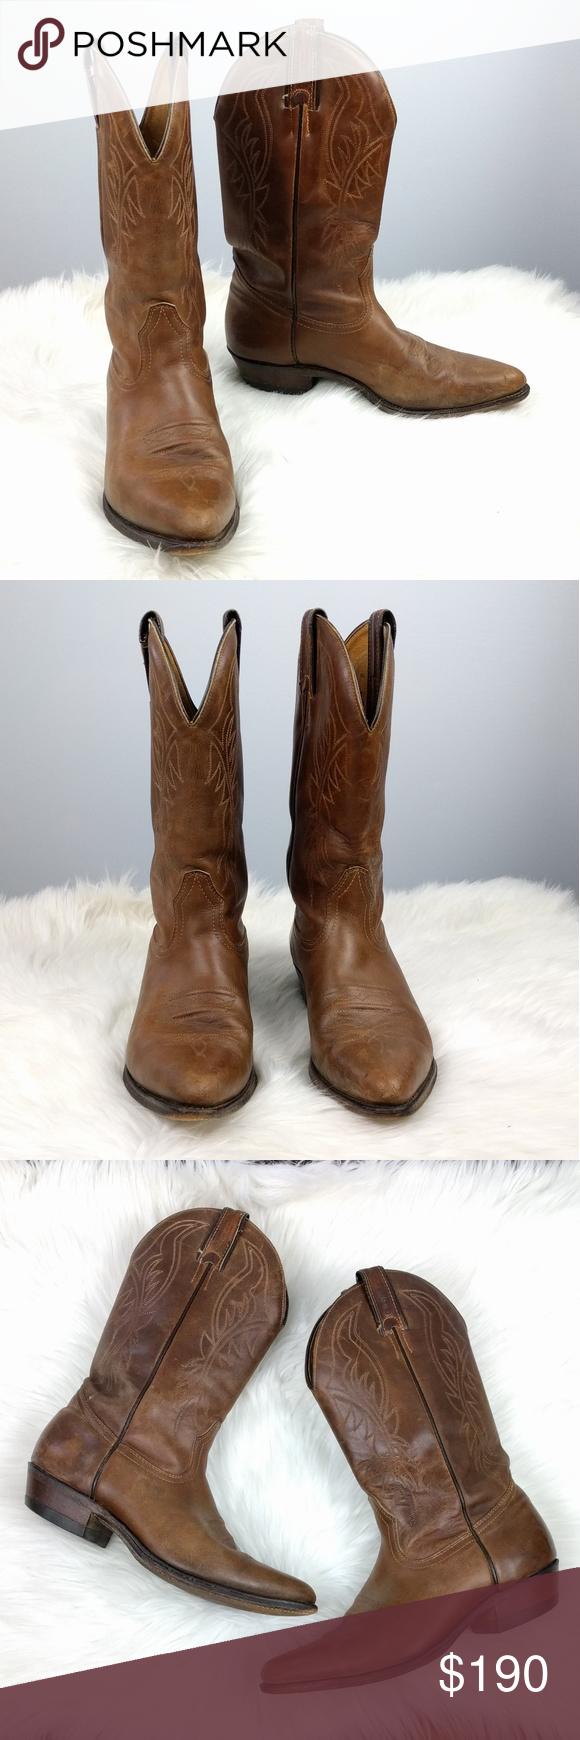 c6a38d7e739 Boulet Challenger Distressed Cowboy Boots 8 Boulet Challenger Cowboy ...